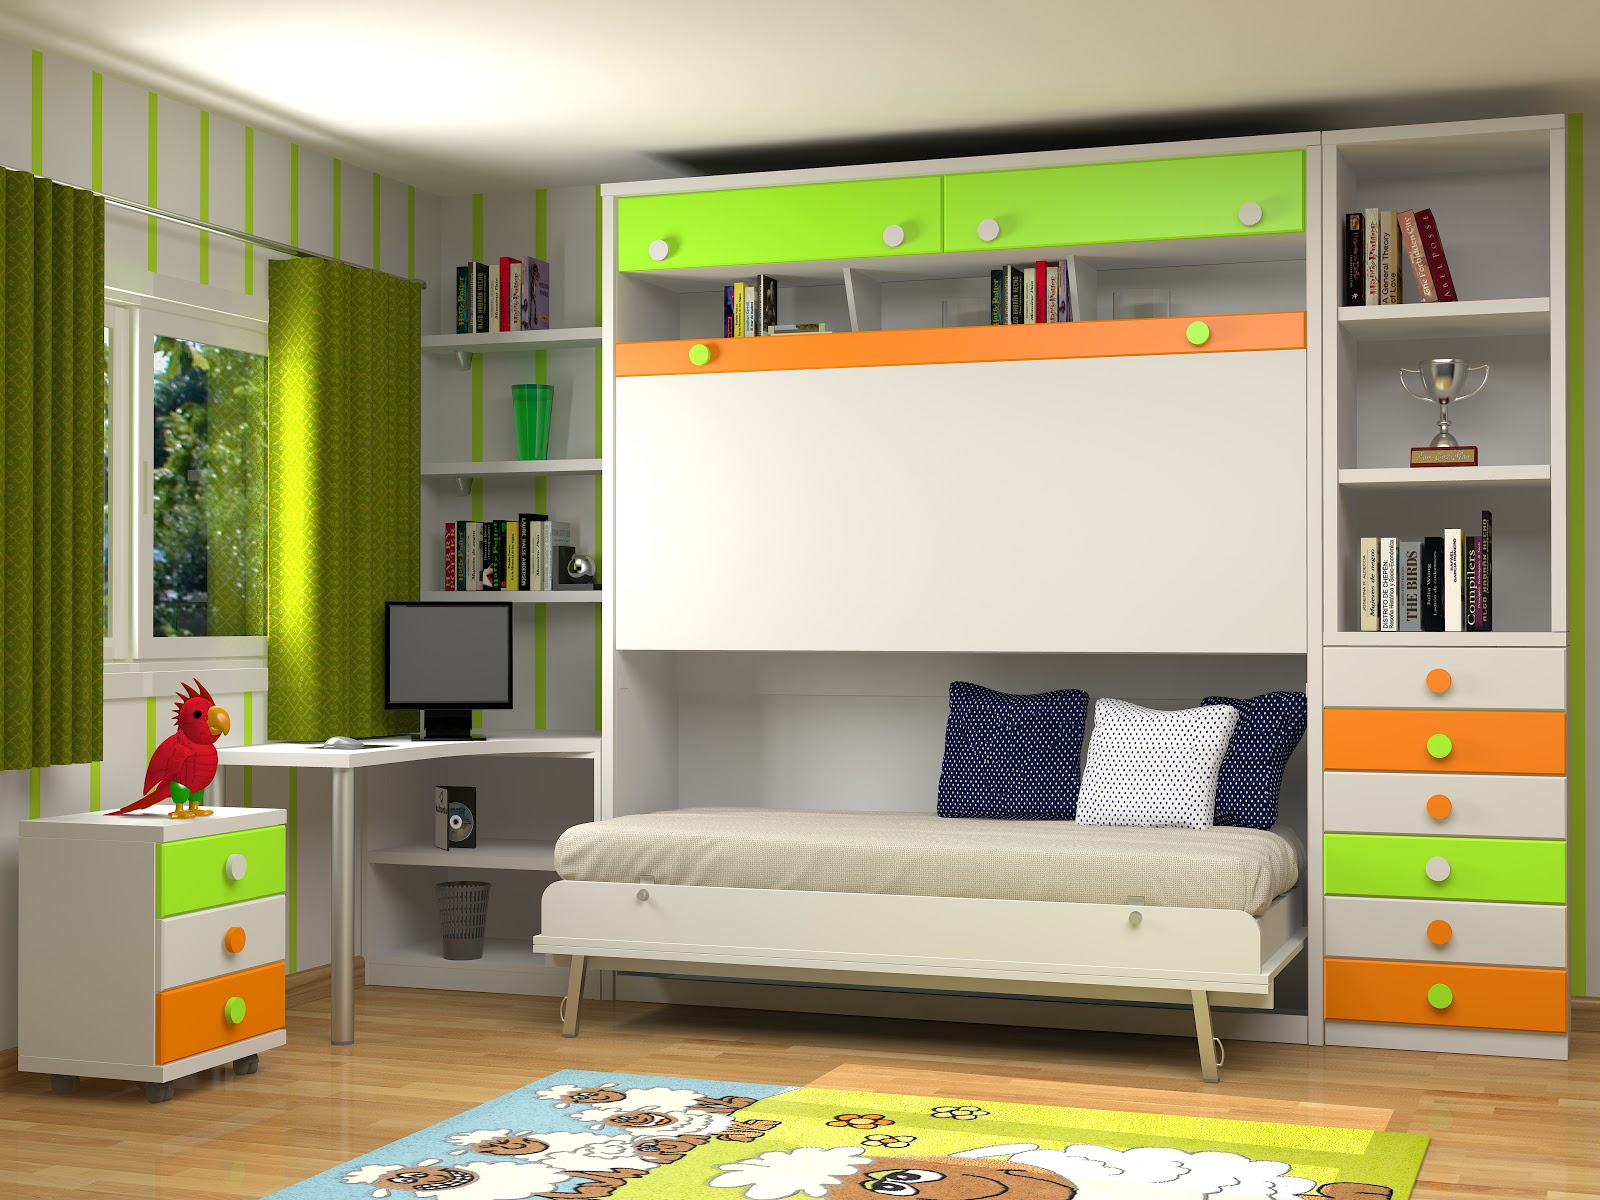 Muebles juveniles dormitorios infantiles y habitaciones - Muebles para espacios reducidos ...